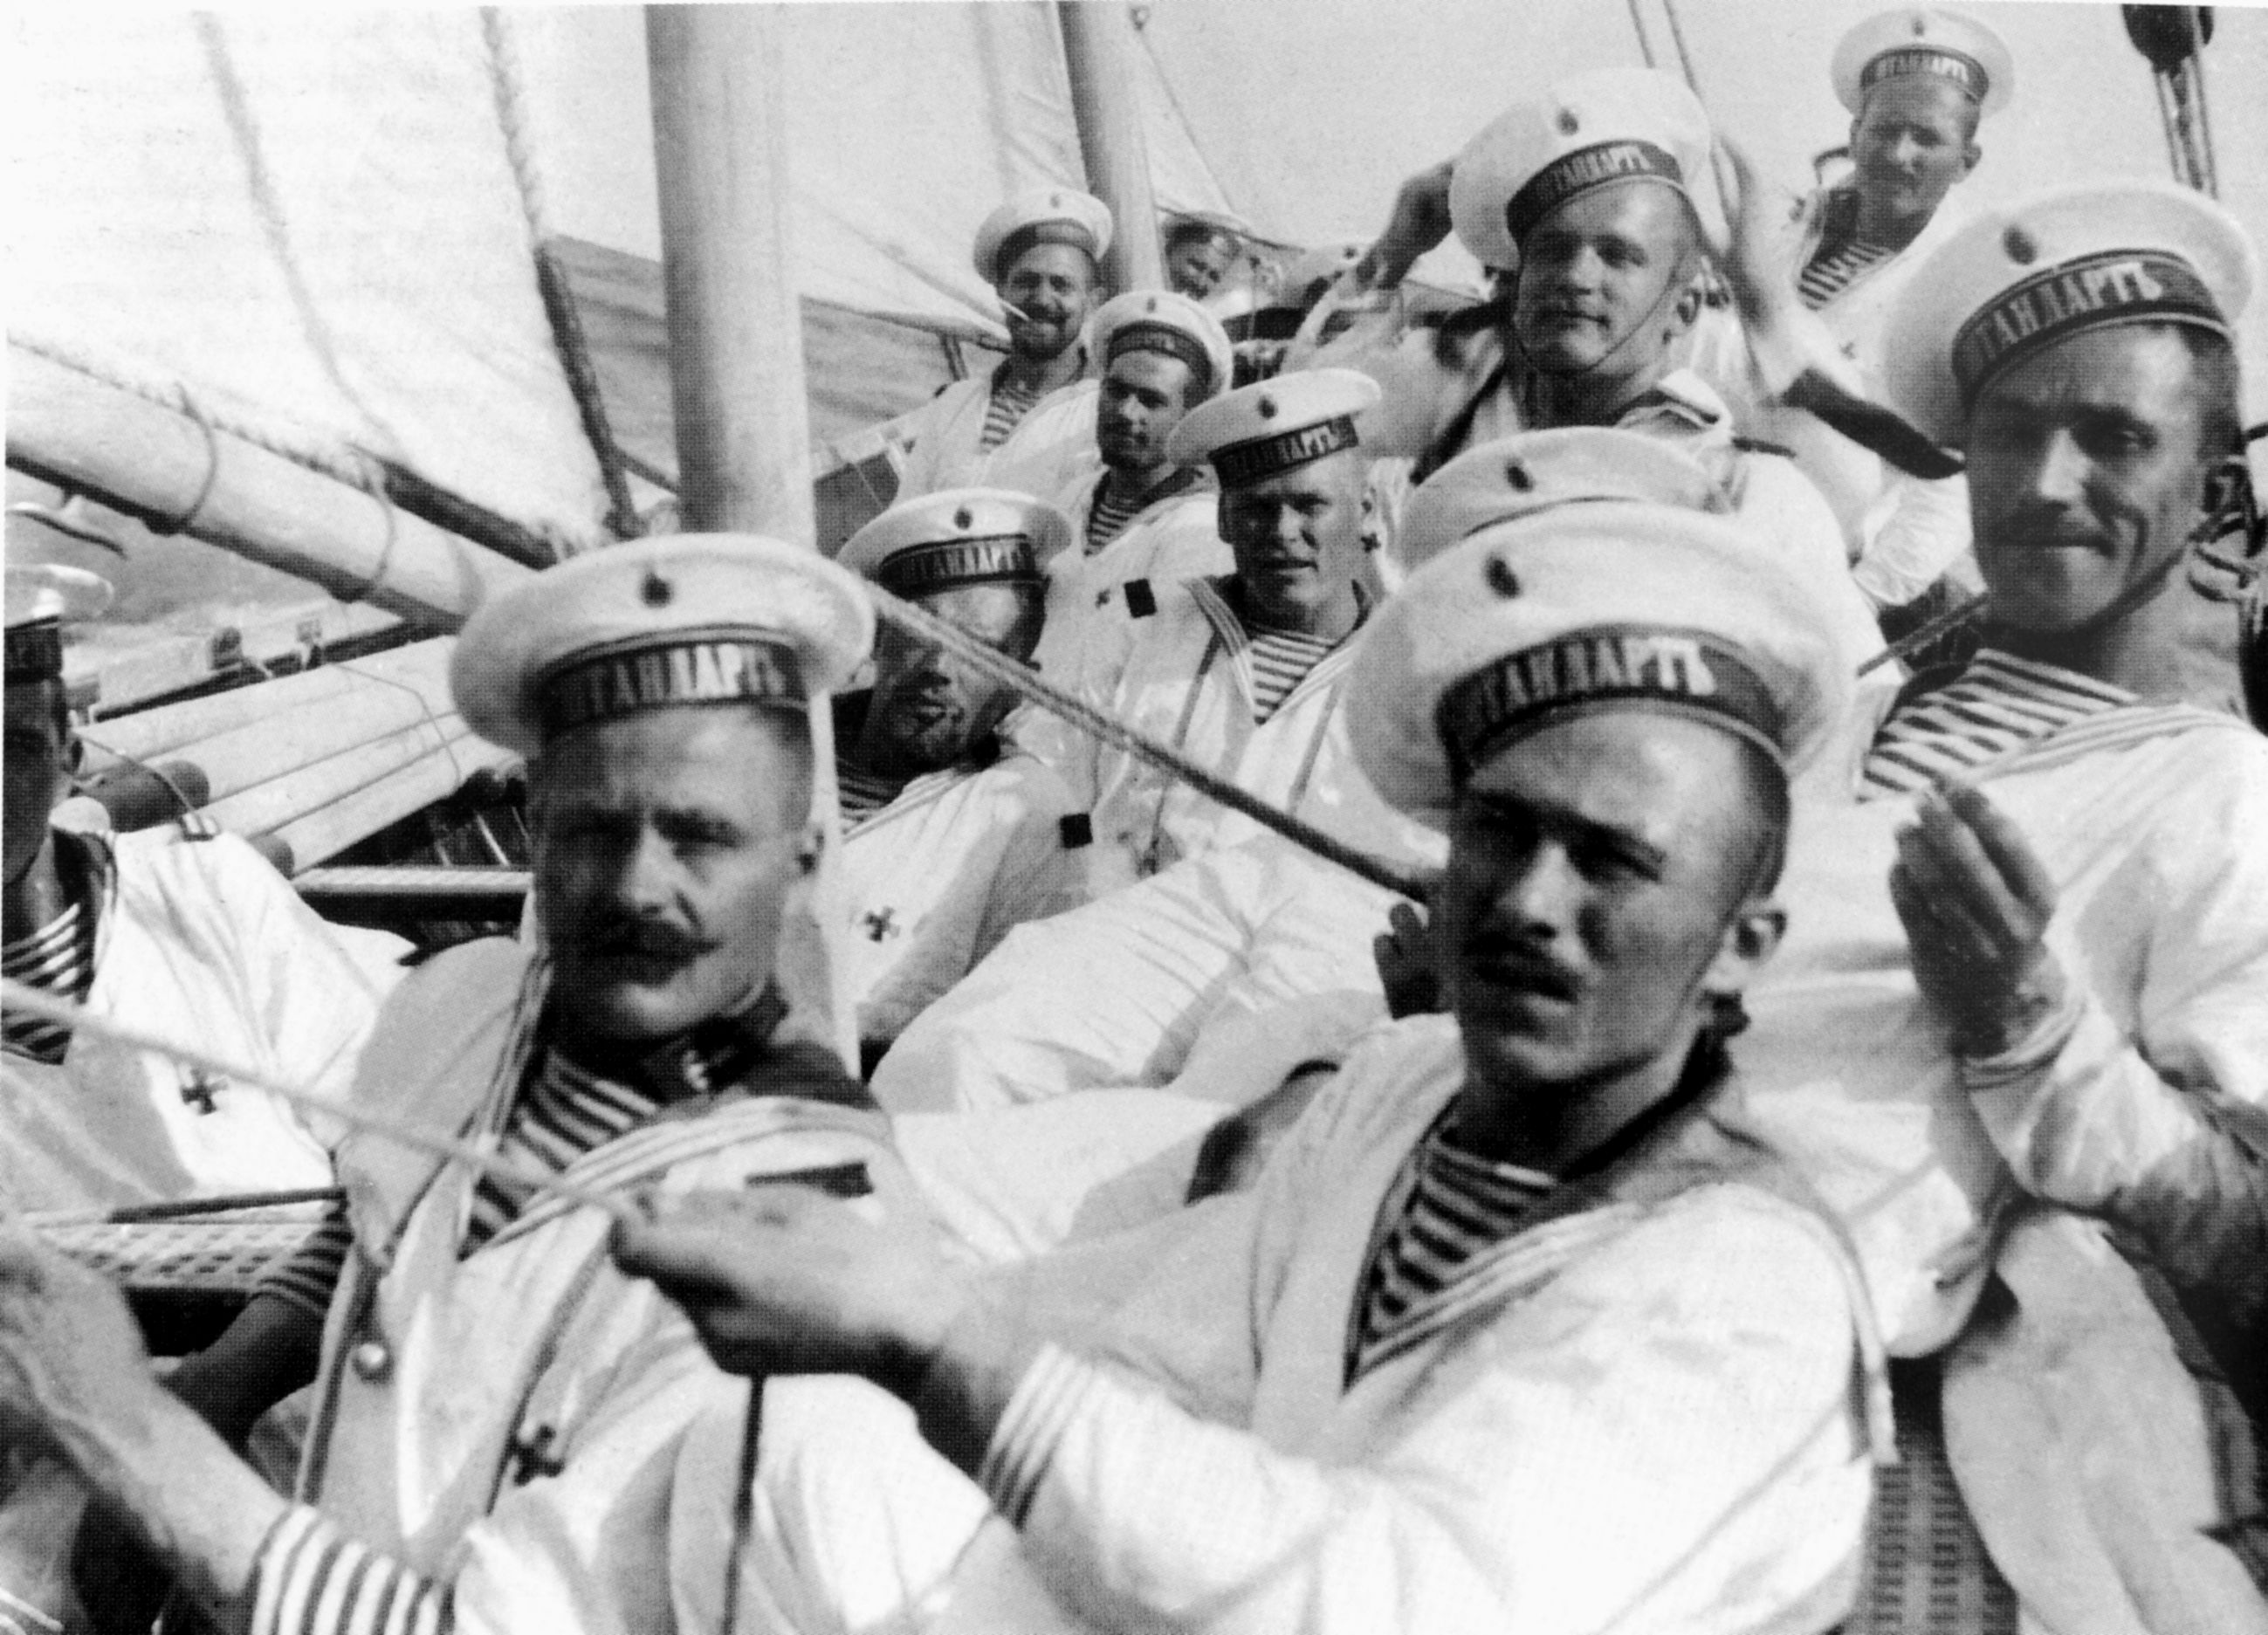 черно белые фото моряков певца вечное